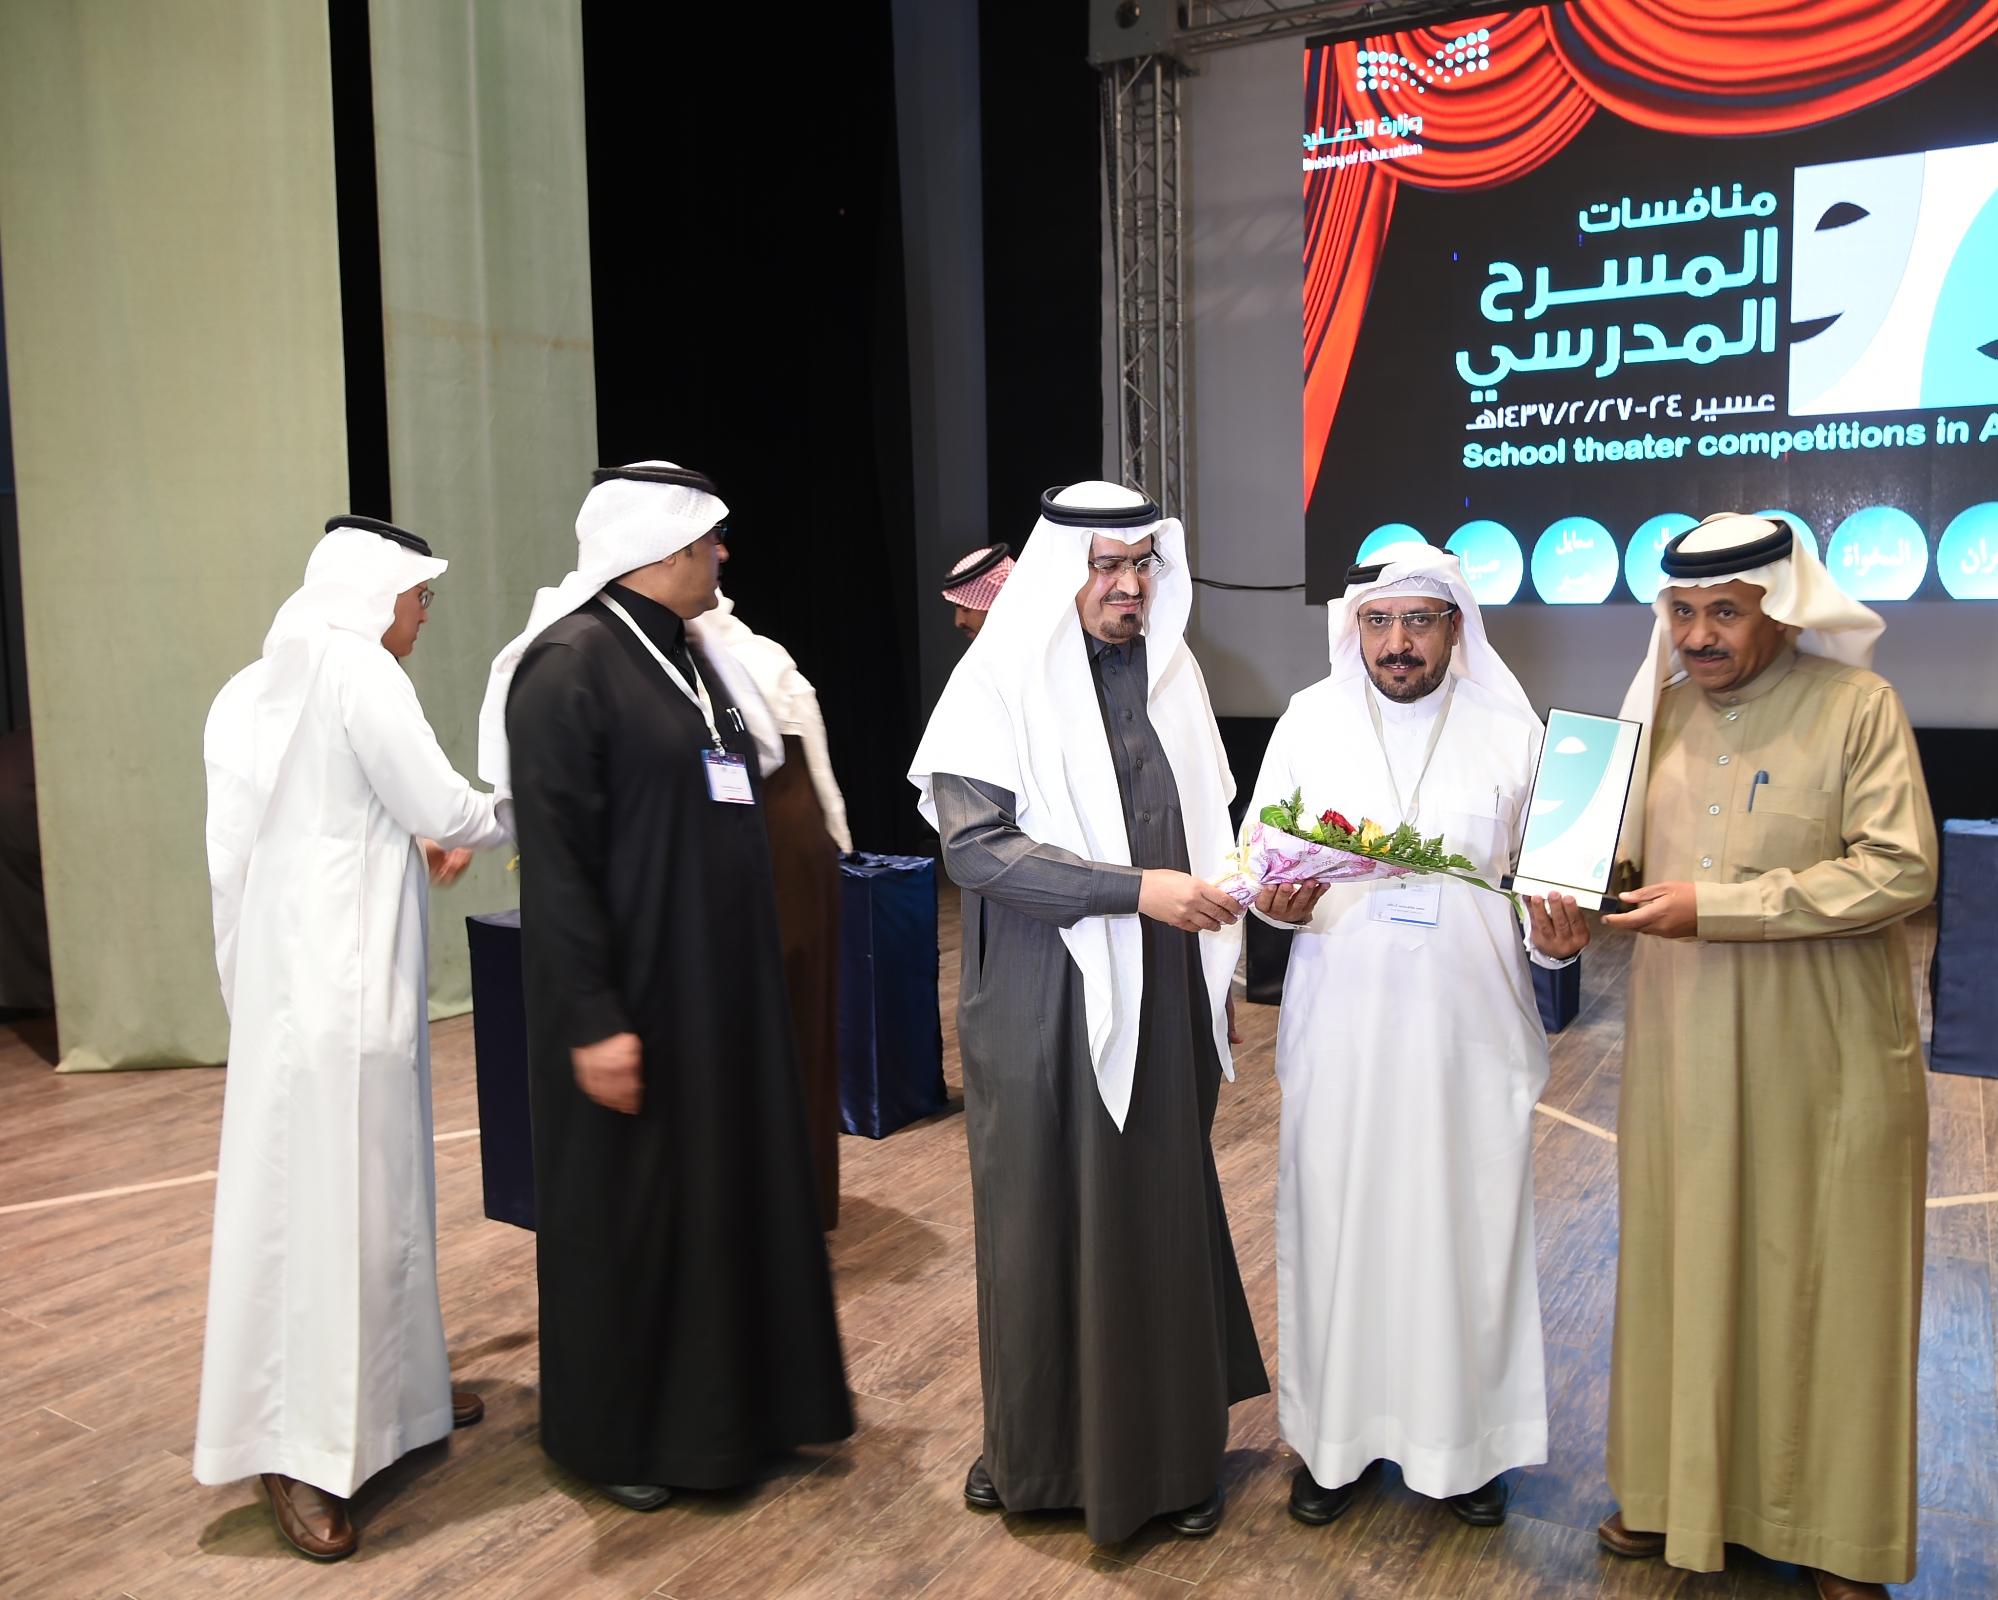 عروض مسرحية في انطلاق مهرجان المسرح المدرسي بعسير (6)